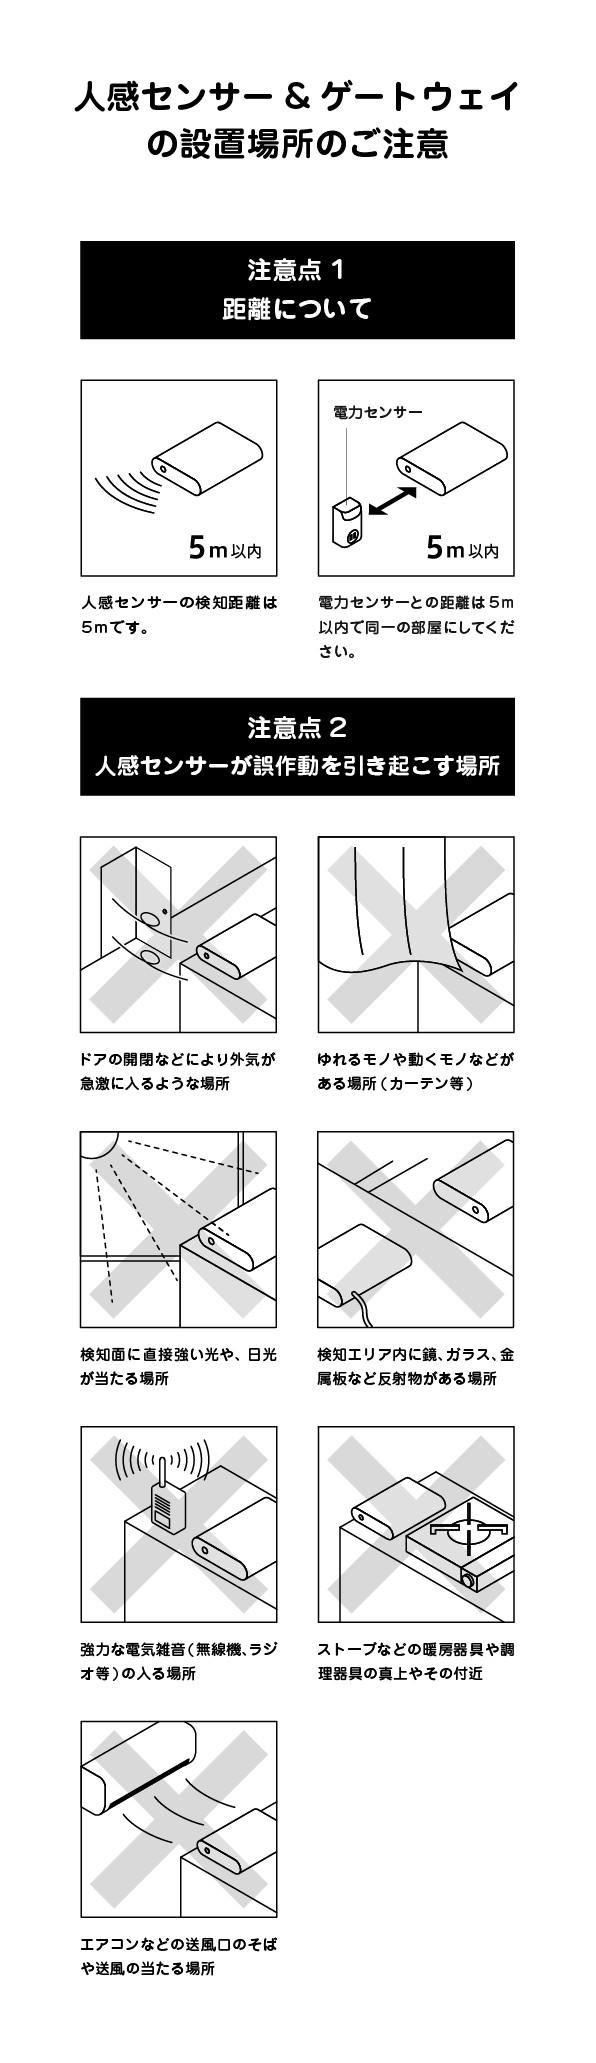 detail_3390_1507169704